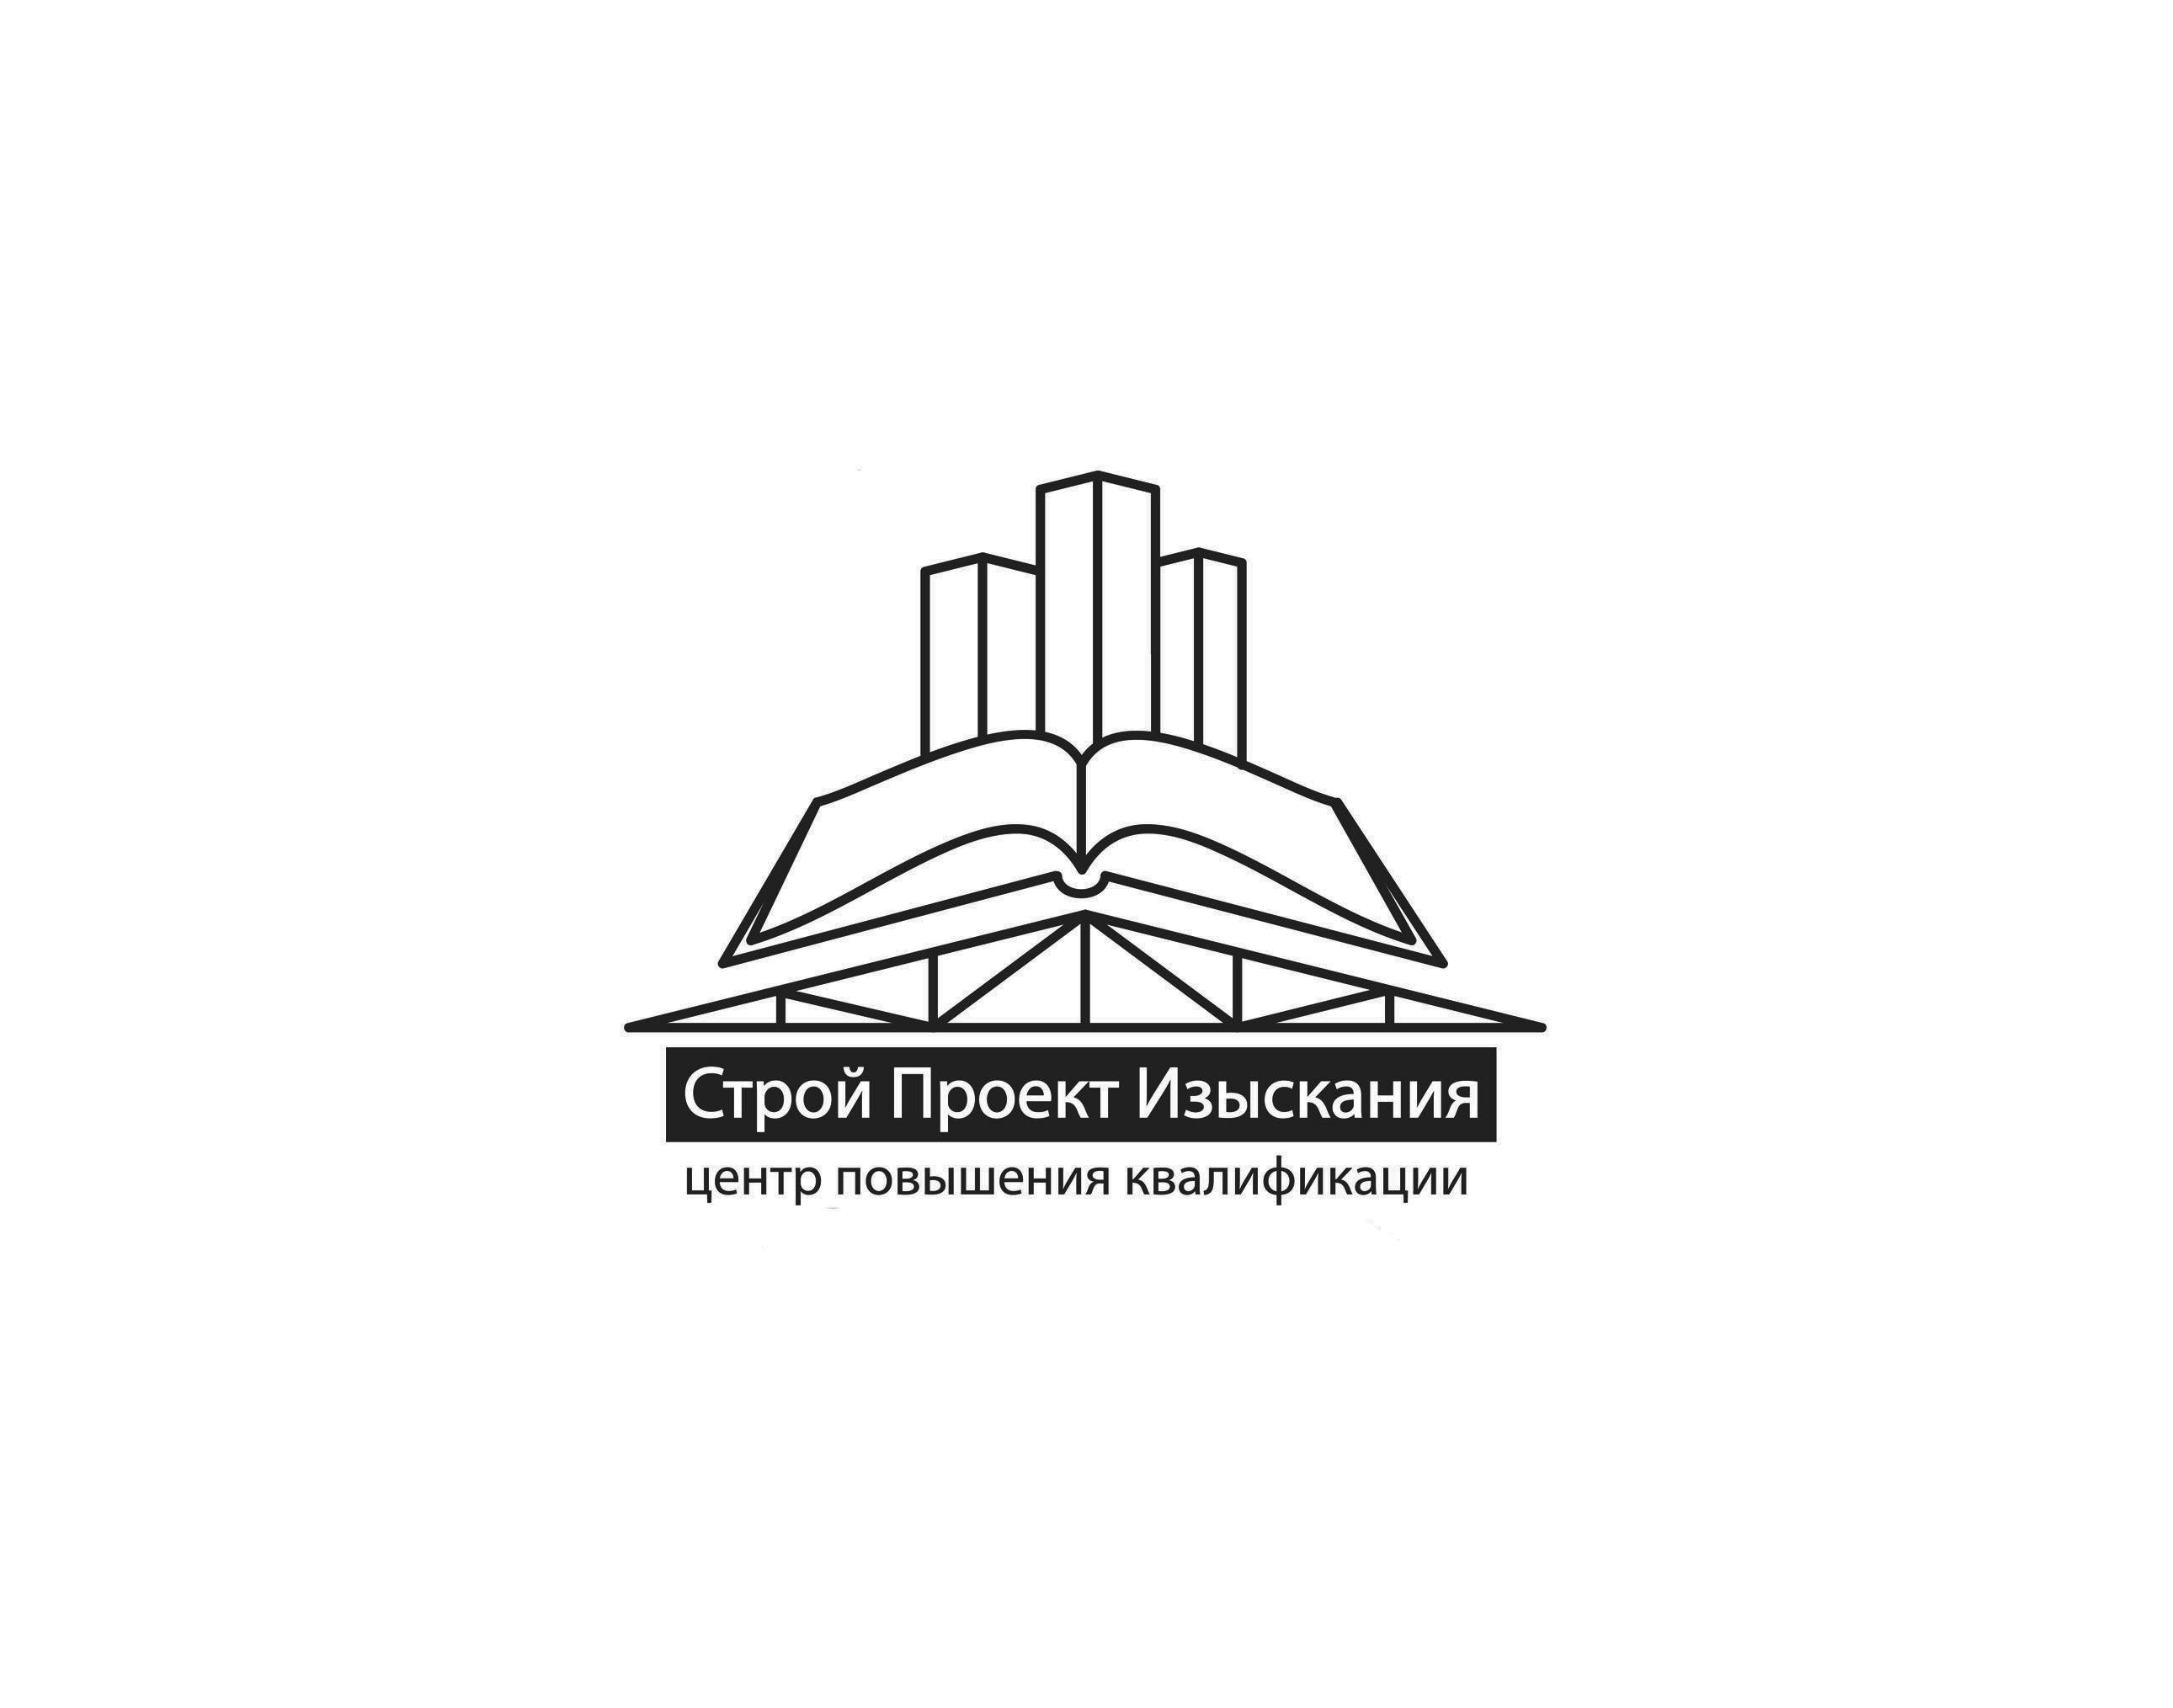 Разработка логотипа  фото f_4f33aff270336.jpg